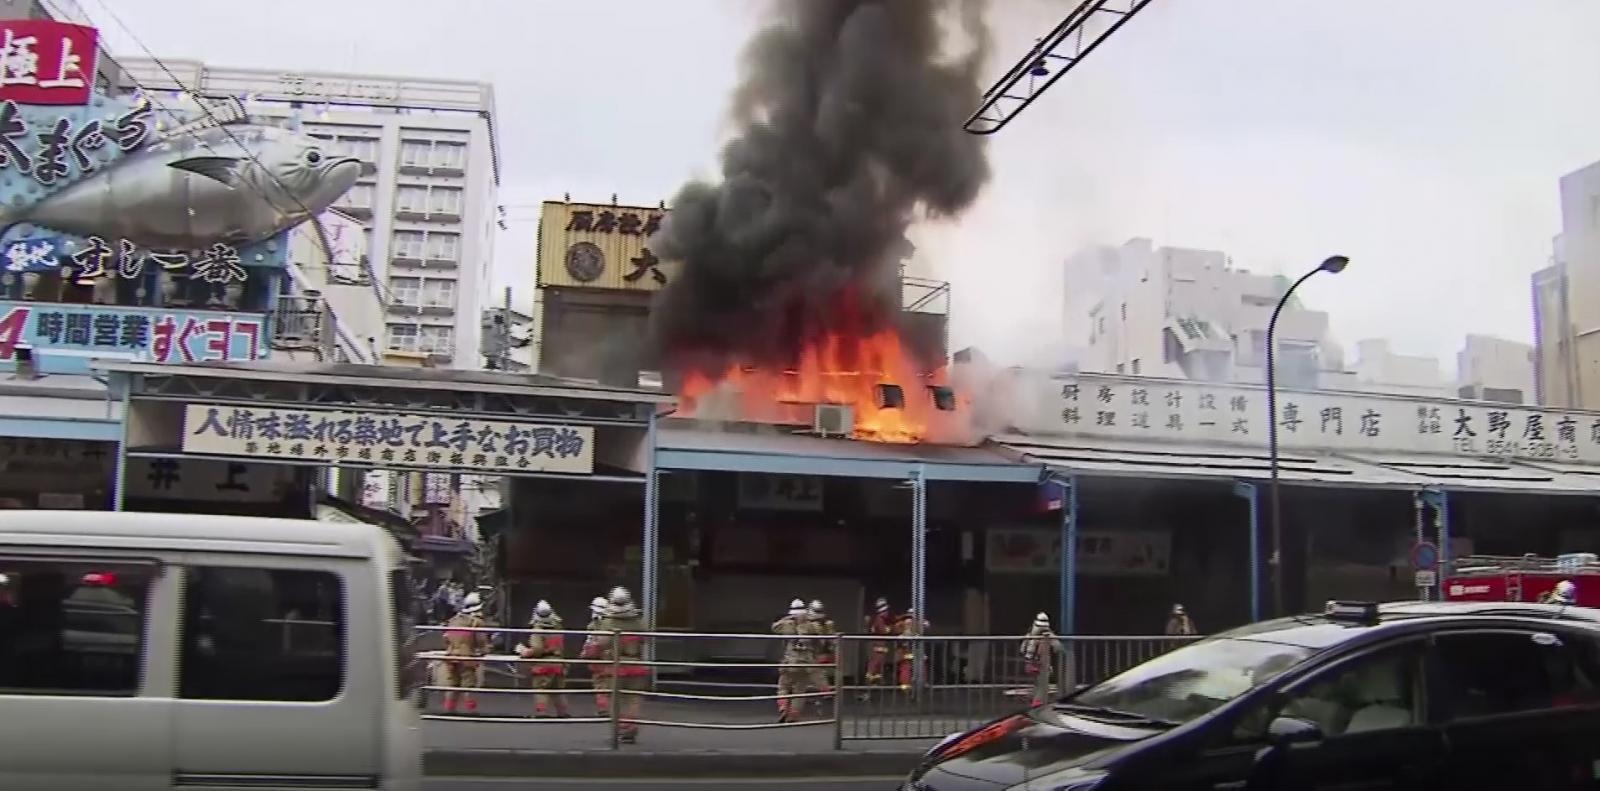 ไฟไหม้ตลาดปลาซึกิจิ วอด 5 หลัง